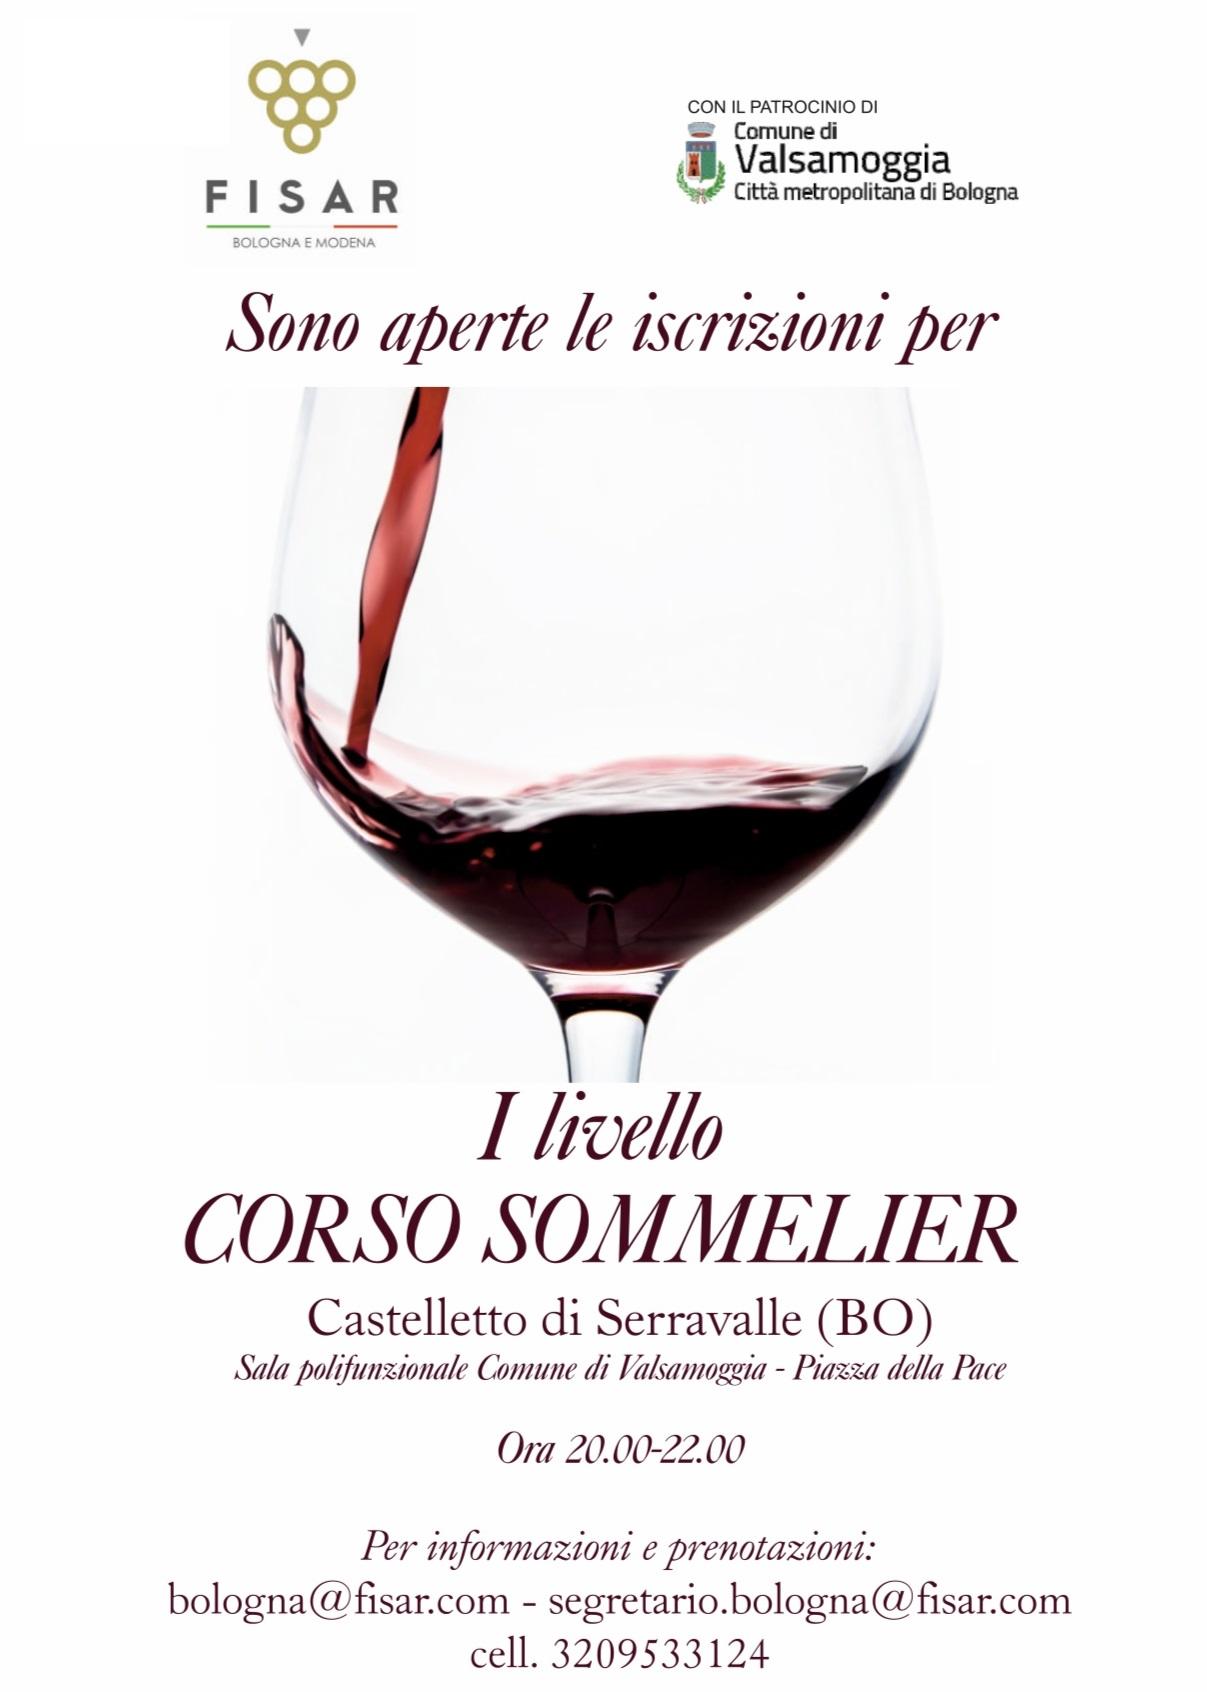 Corso sommelier di 1° livello a Castelletto di Serravalle – Valsamoggia (Bo)